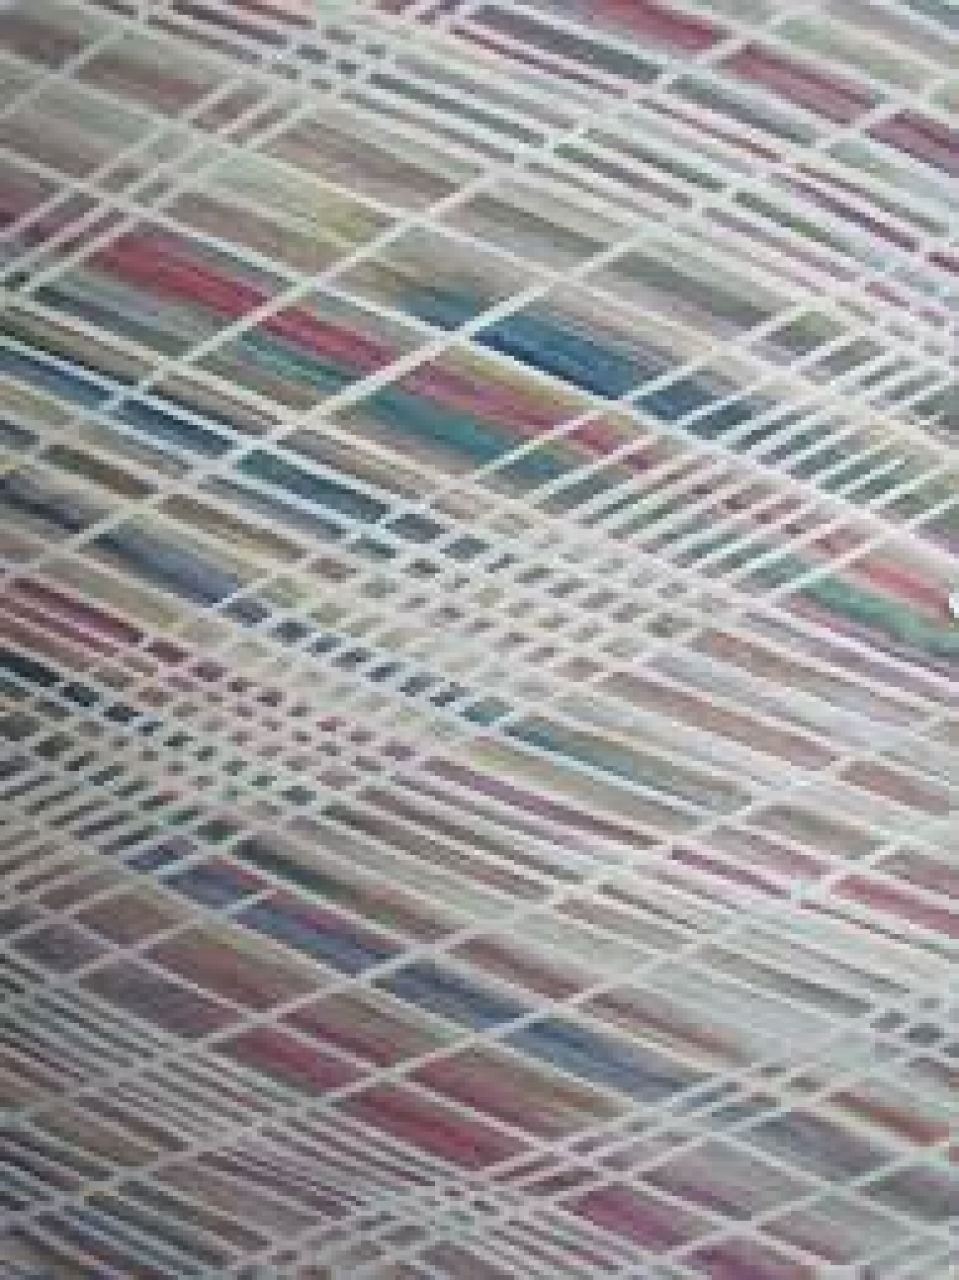 Ковер 63323 - 9191 - Прямоугольник - коллекция ARGENTUM - фото 1